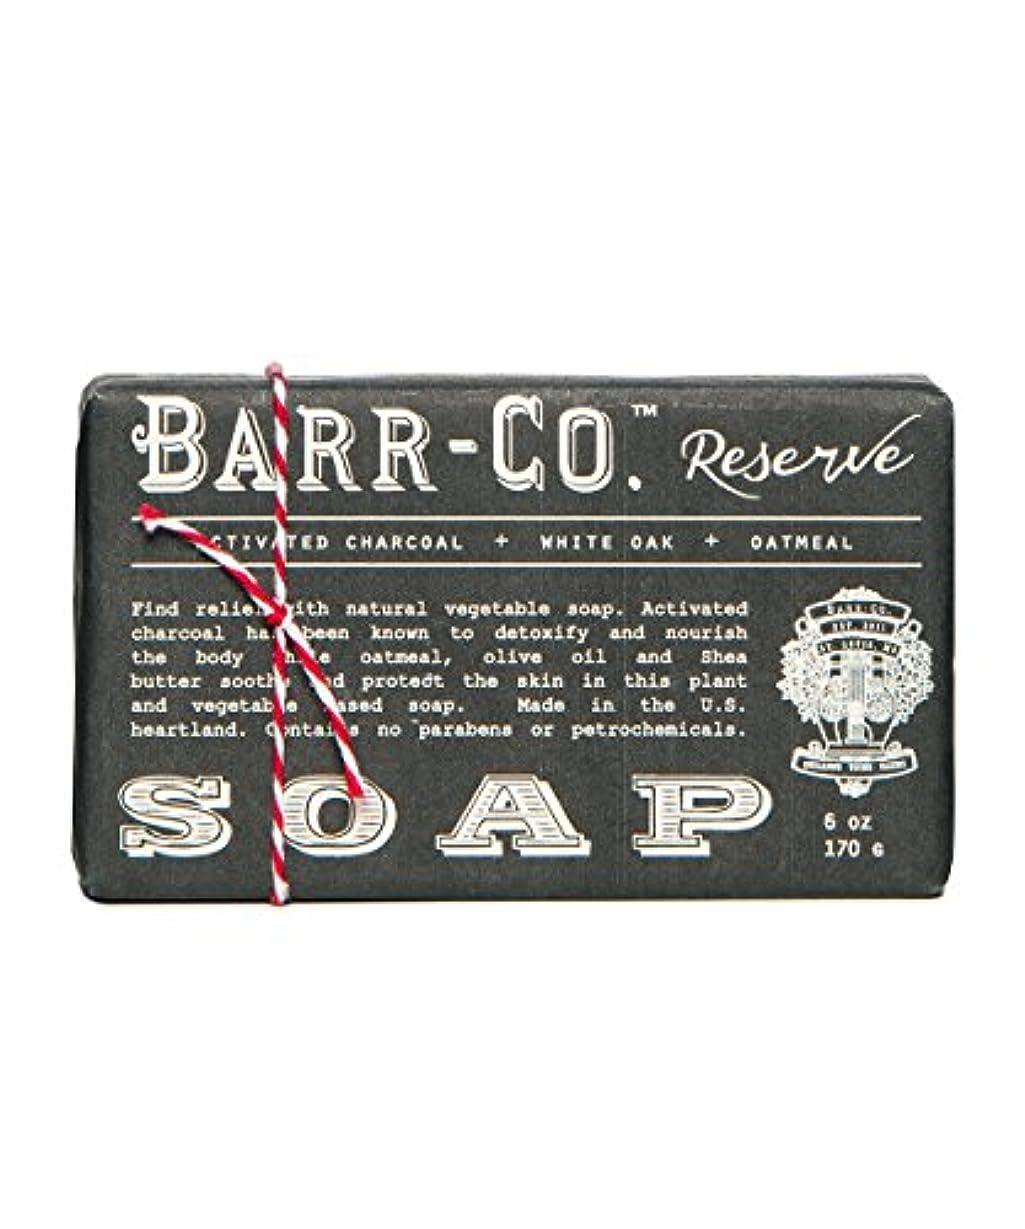 花婿特権的テクトニックバーコ(BARR-CO.) バーソープ リザーブ